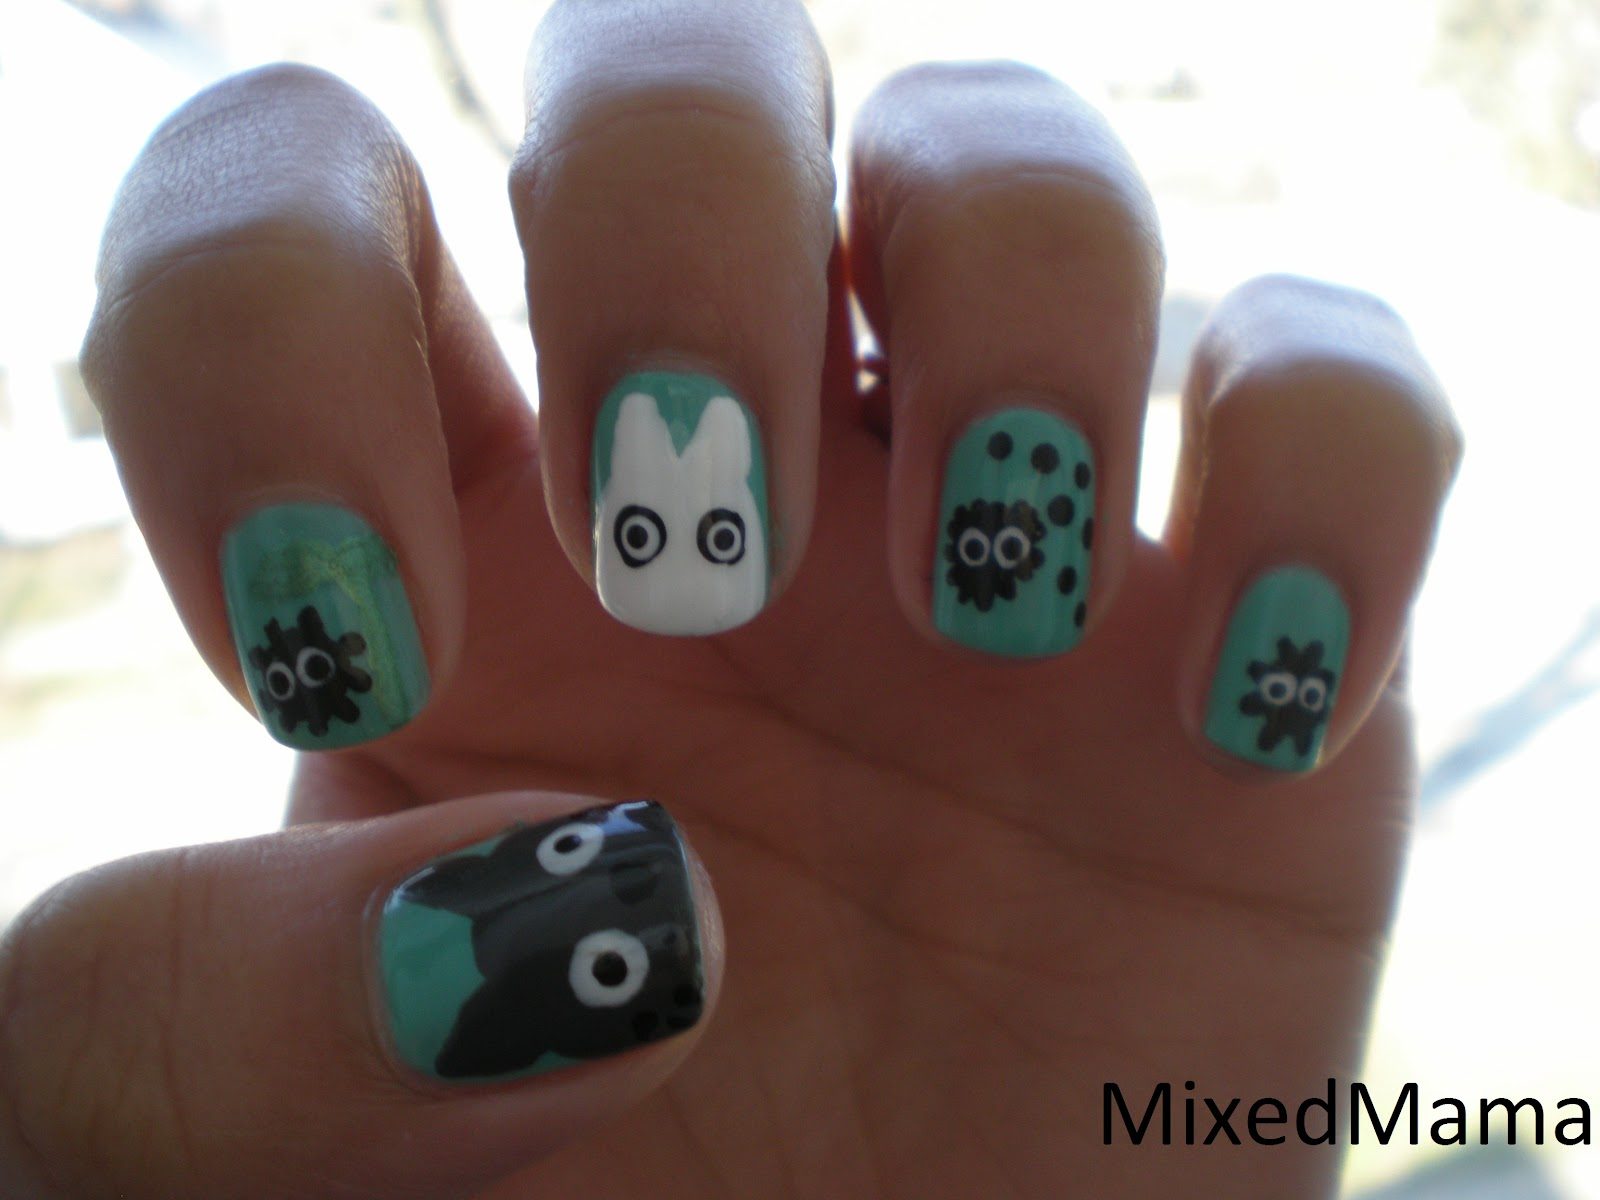 MixedMama: My Neighbor Totoro